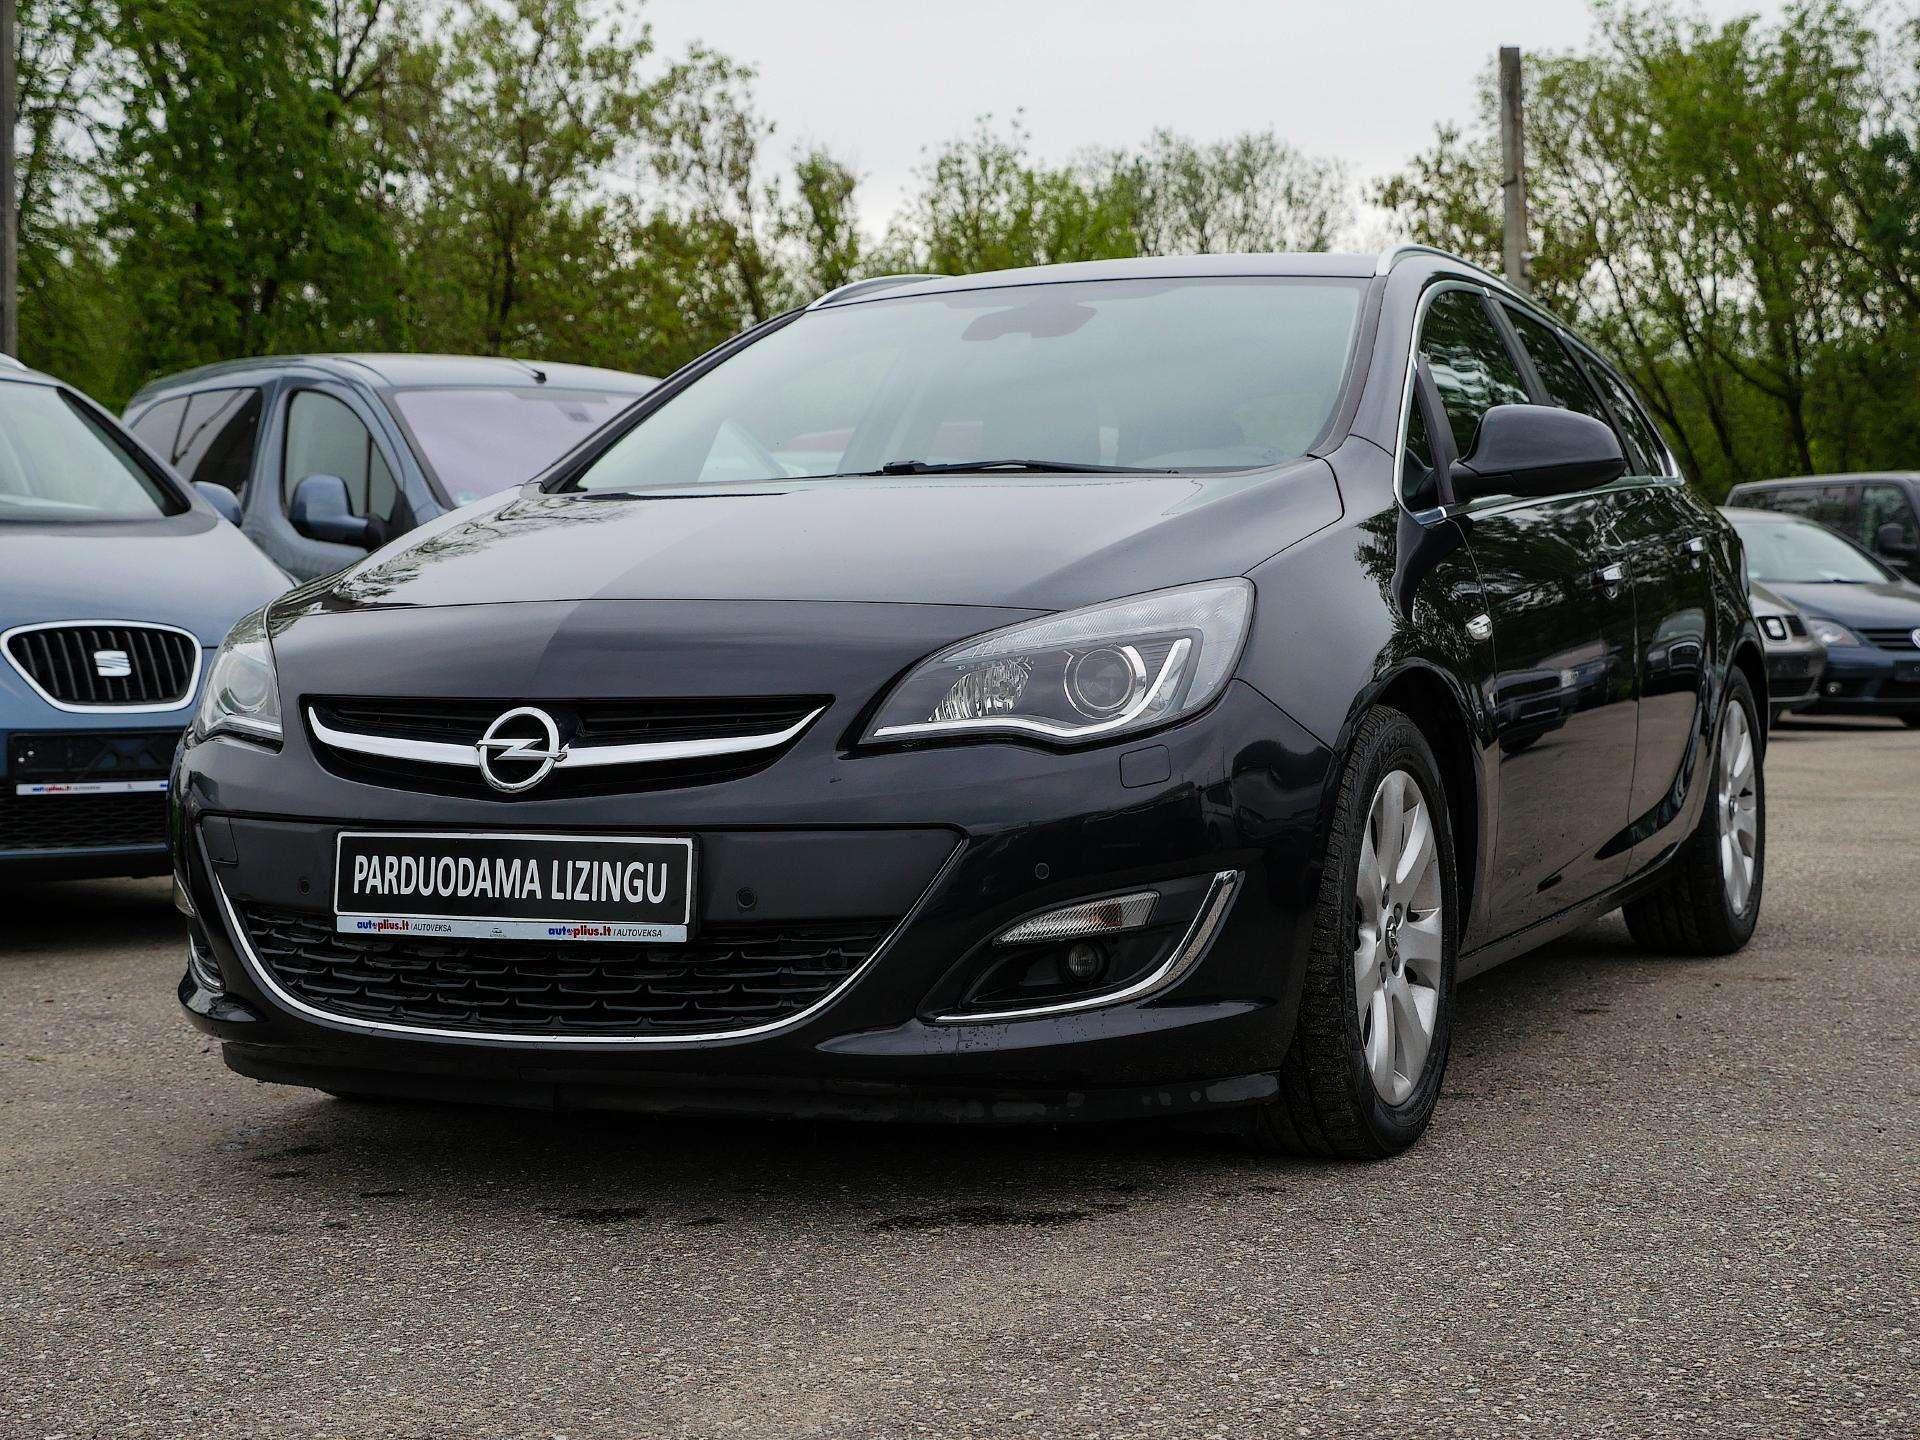 Opel Astra išsimokėtinai nuo 135Eur/Mėn su 3 mėnesių garantija